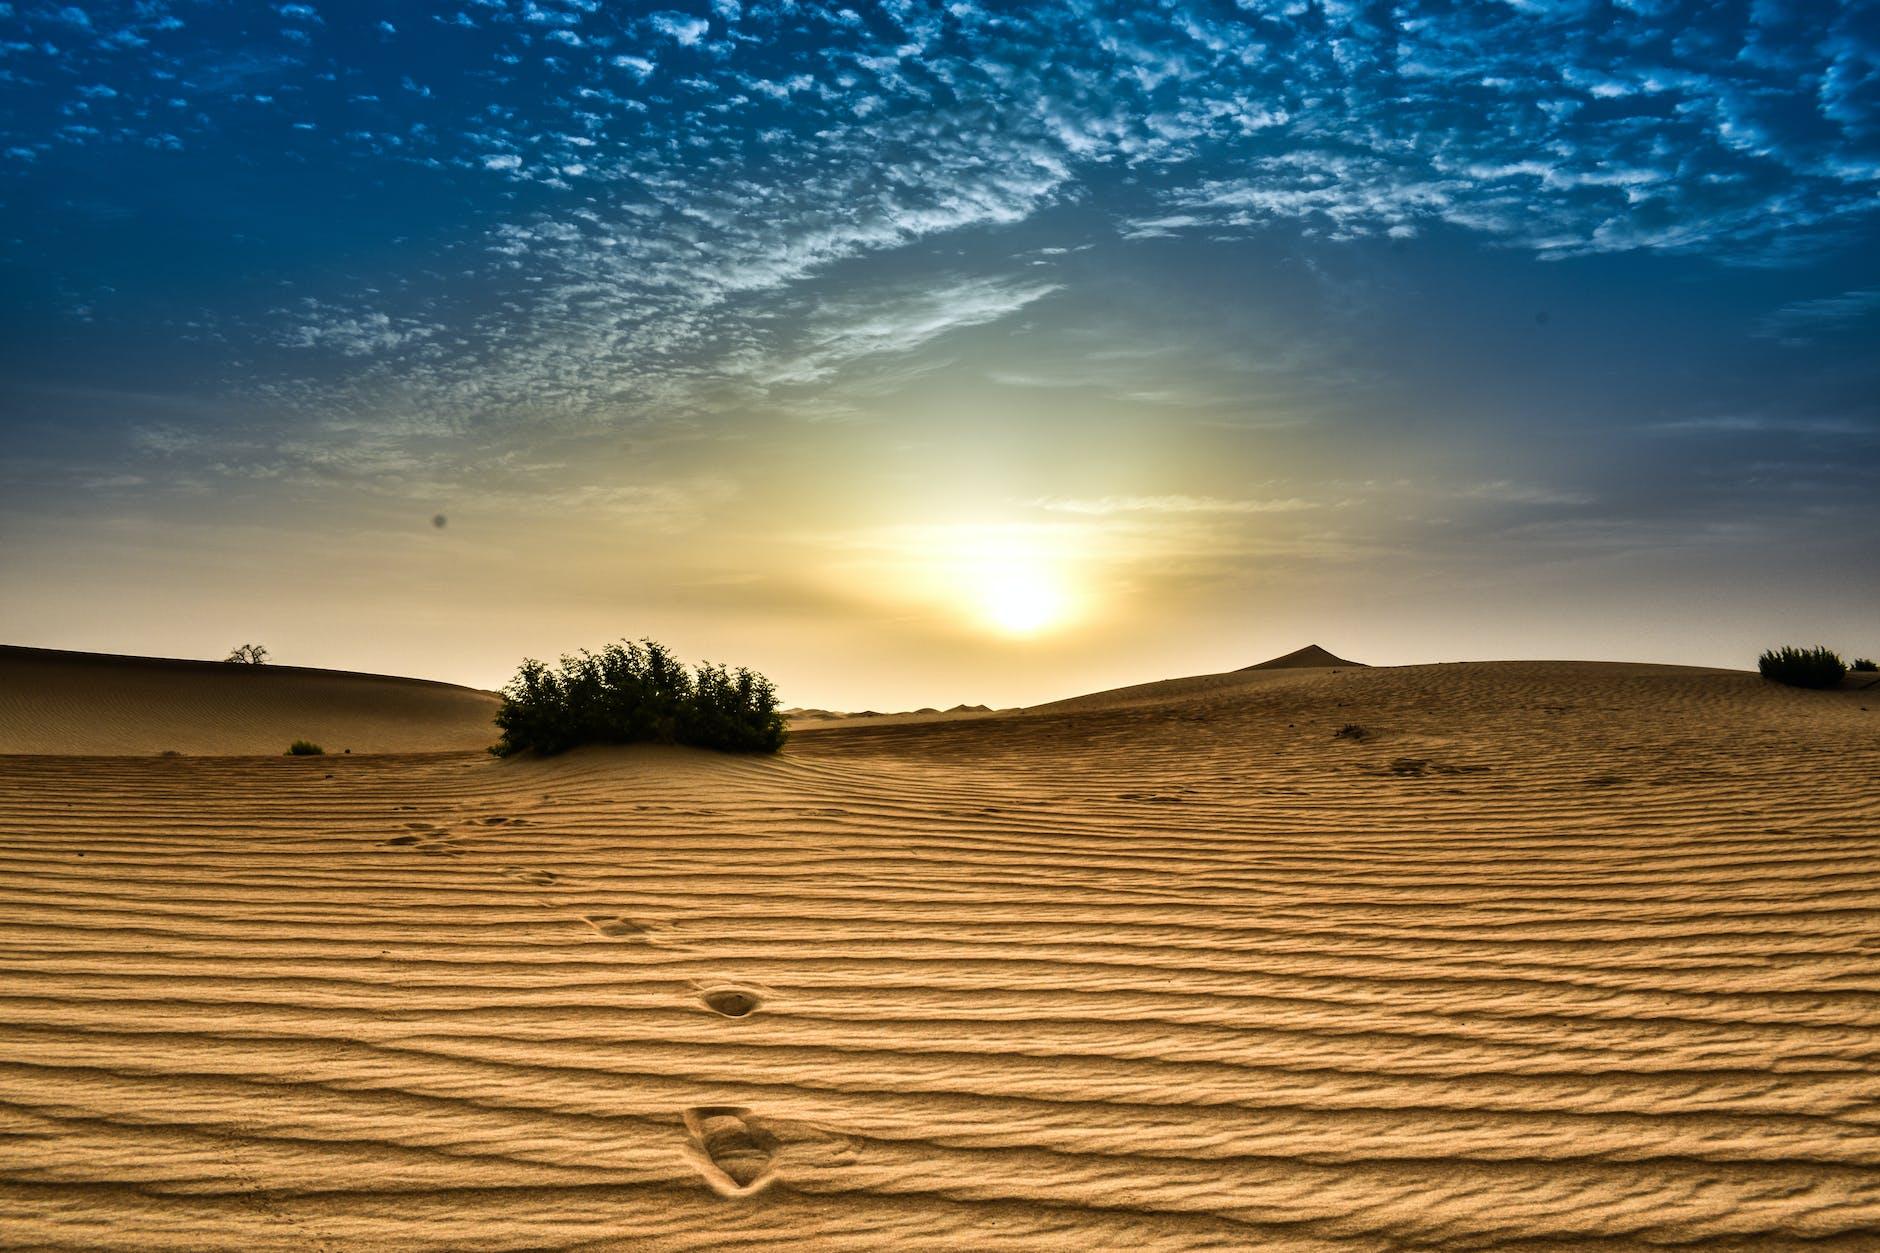 проблемы фотографии восхода солнца в пустыне главное, что всегда